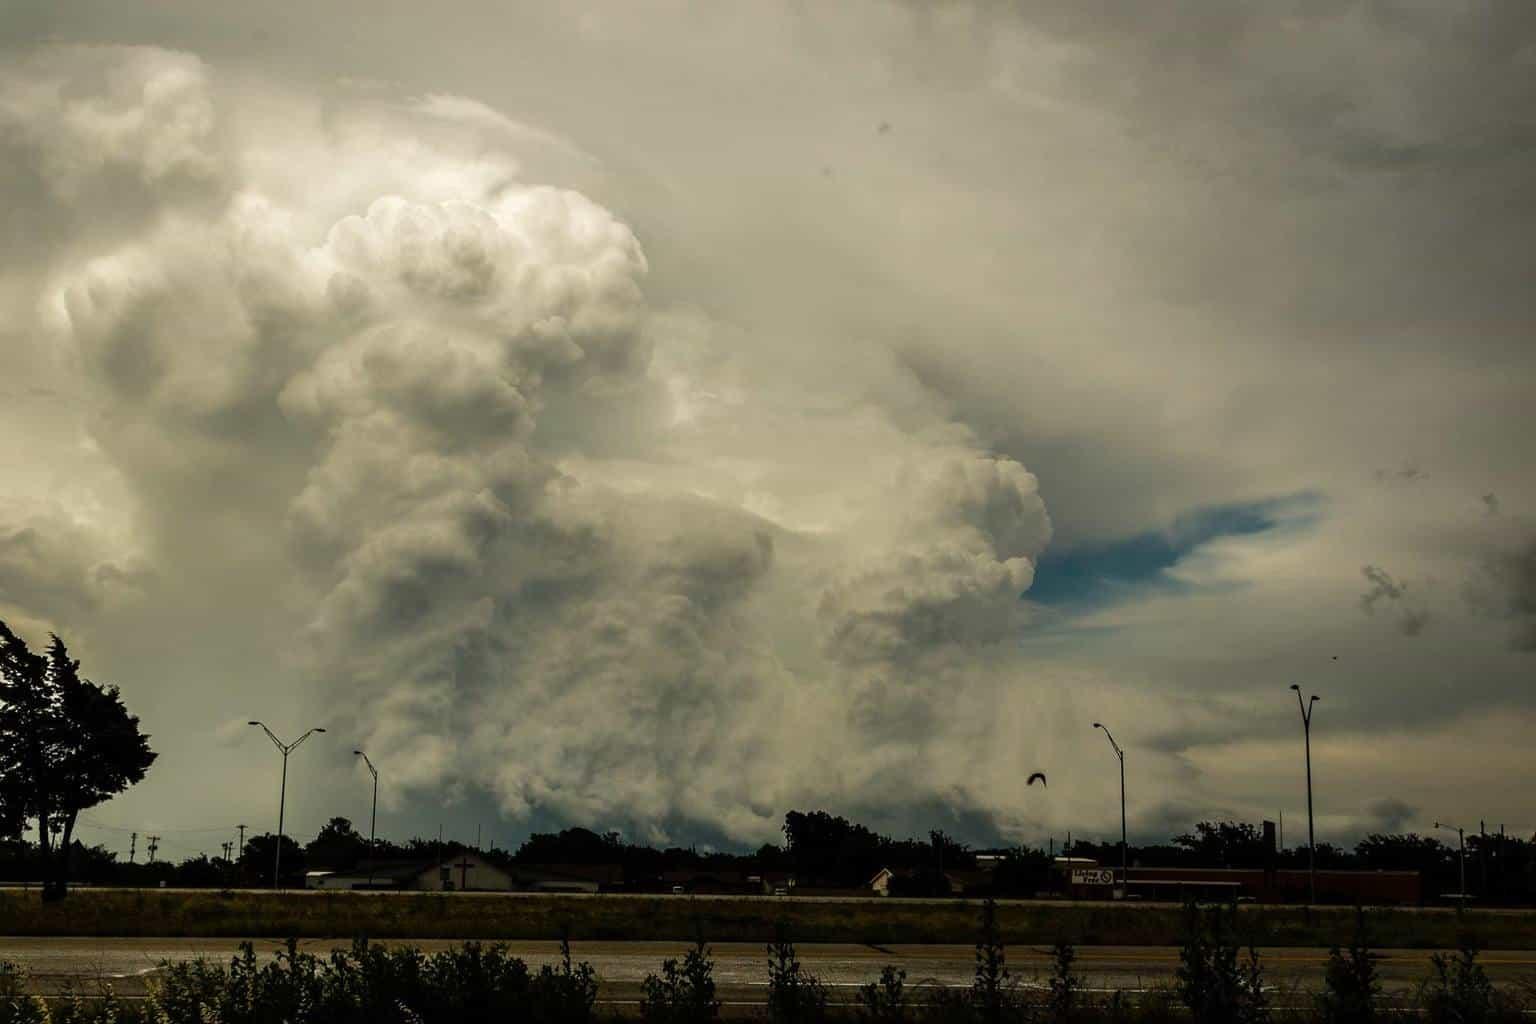 Wall cloud east of Abilene, Tx 5/26/16